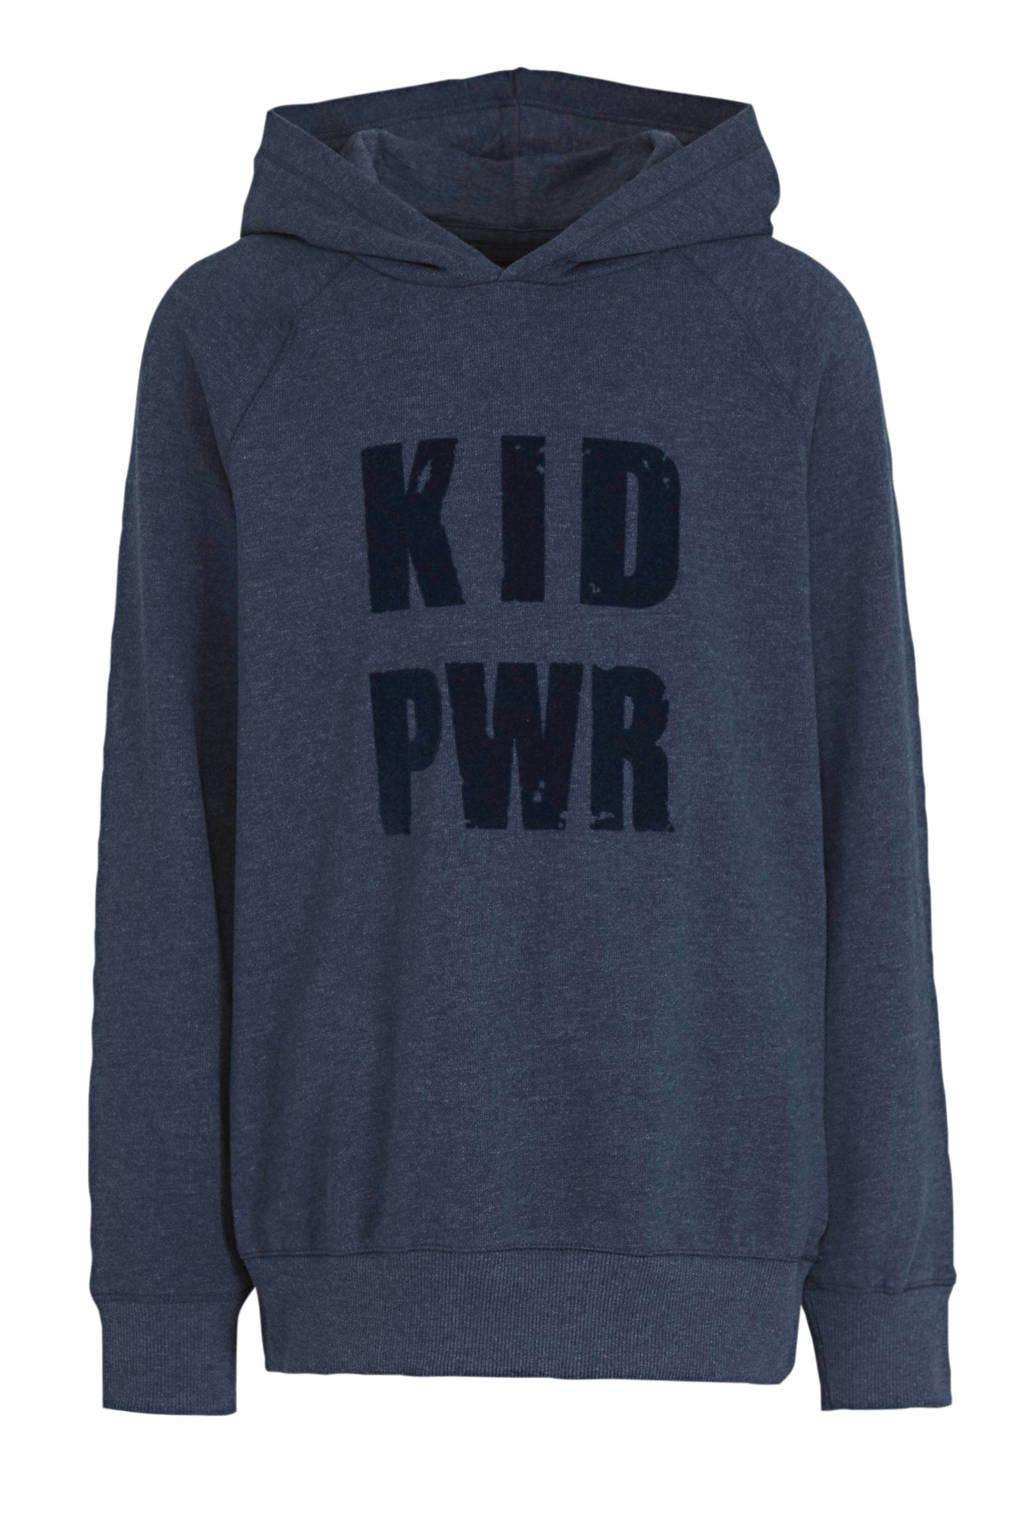 C&A Palomino hoodie met tekst donkerblauw, Donkerblauw